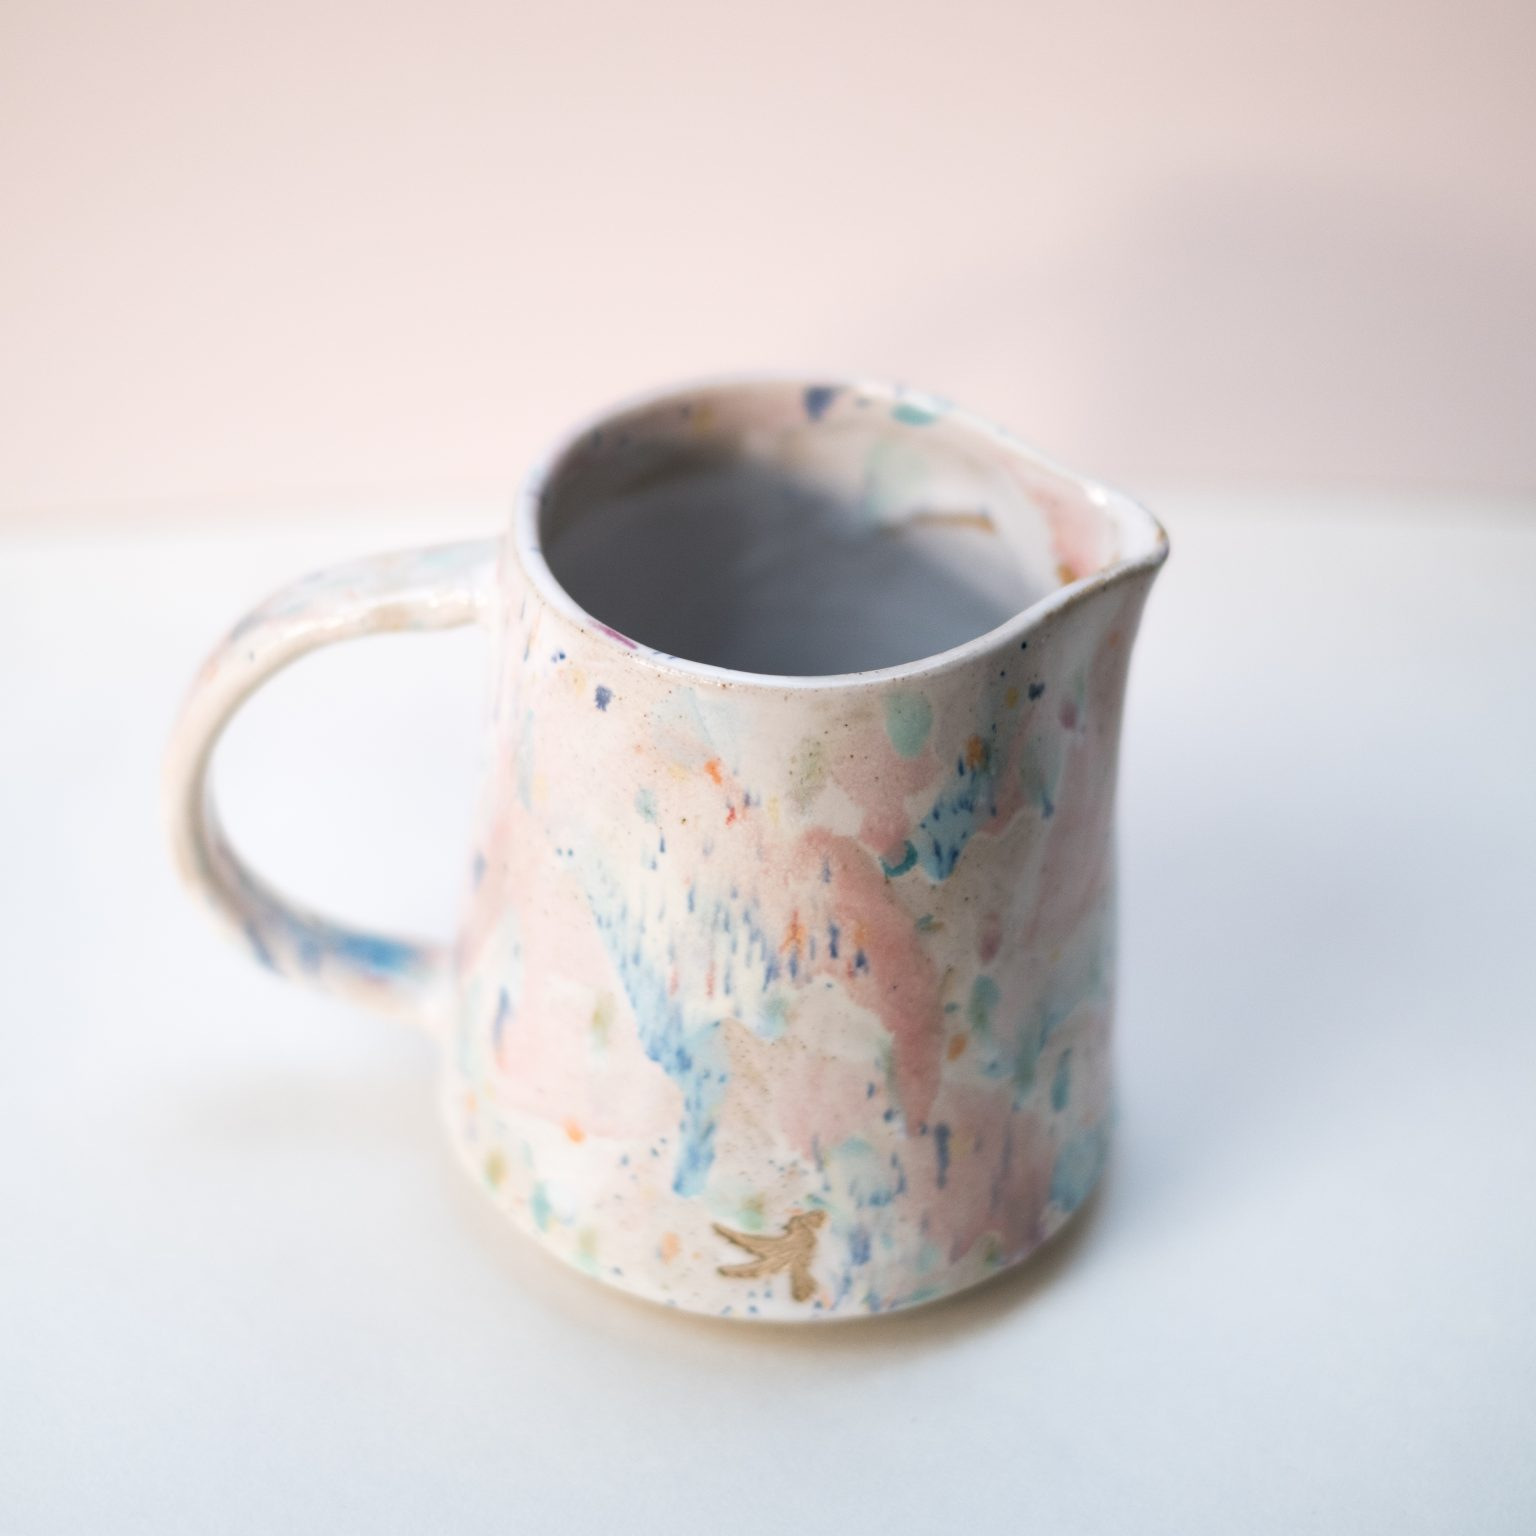 Still Small Pottery Jug